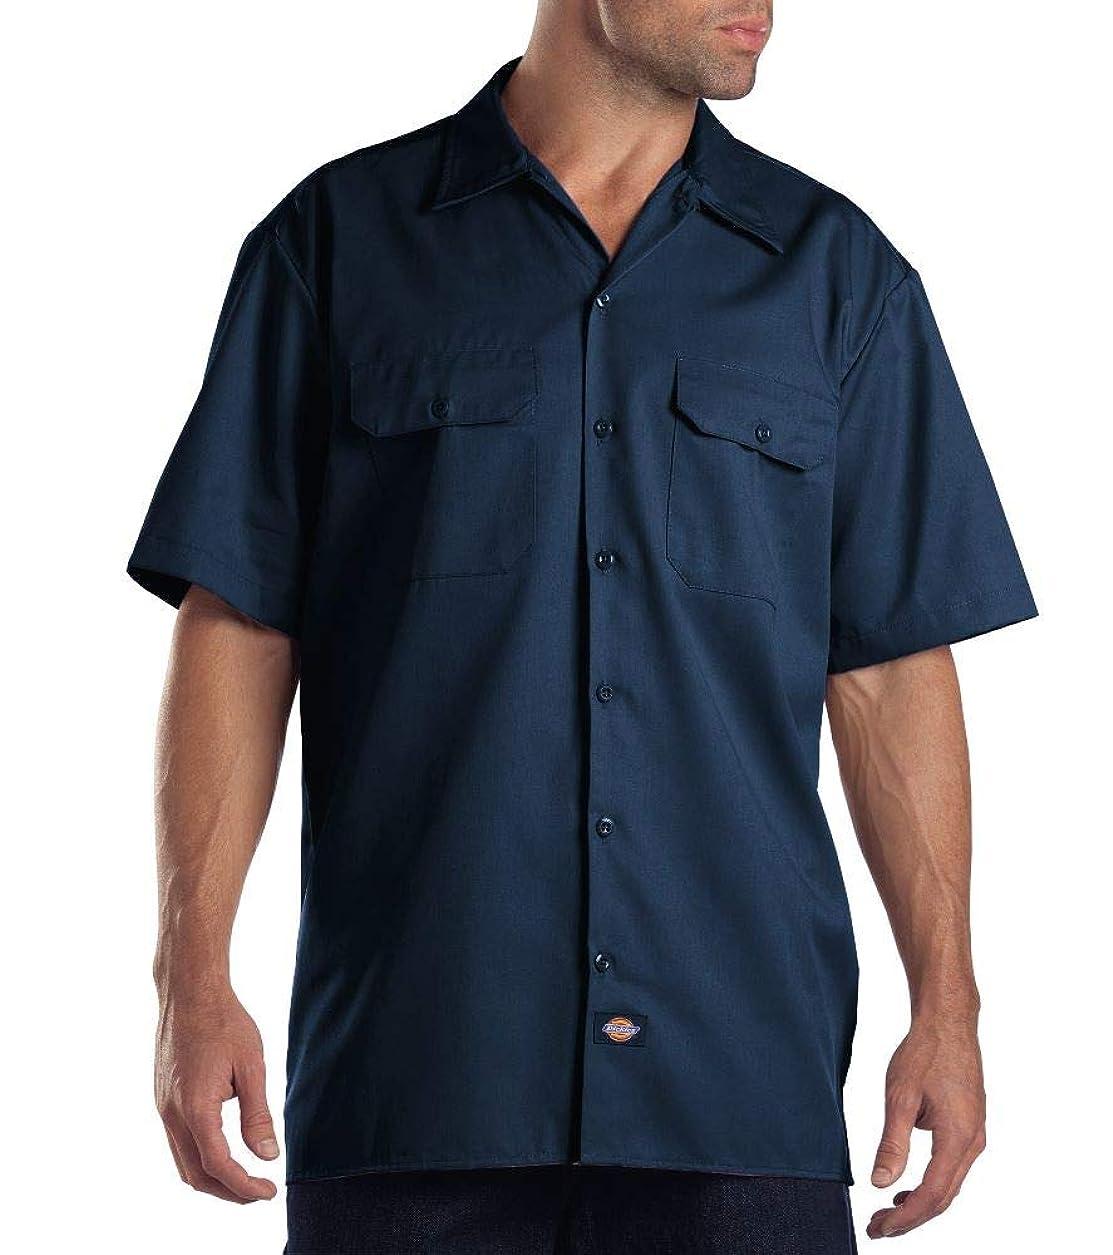 同時ワークショップソブリケット(ディッキーズ)Dickies ワークシャツ 半袖 1574 【並行輸入品】